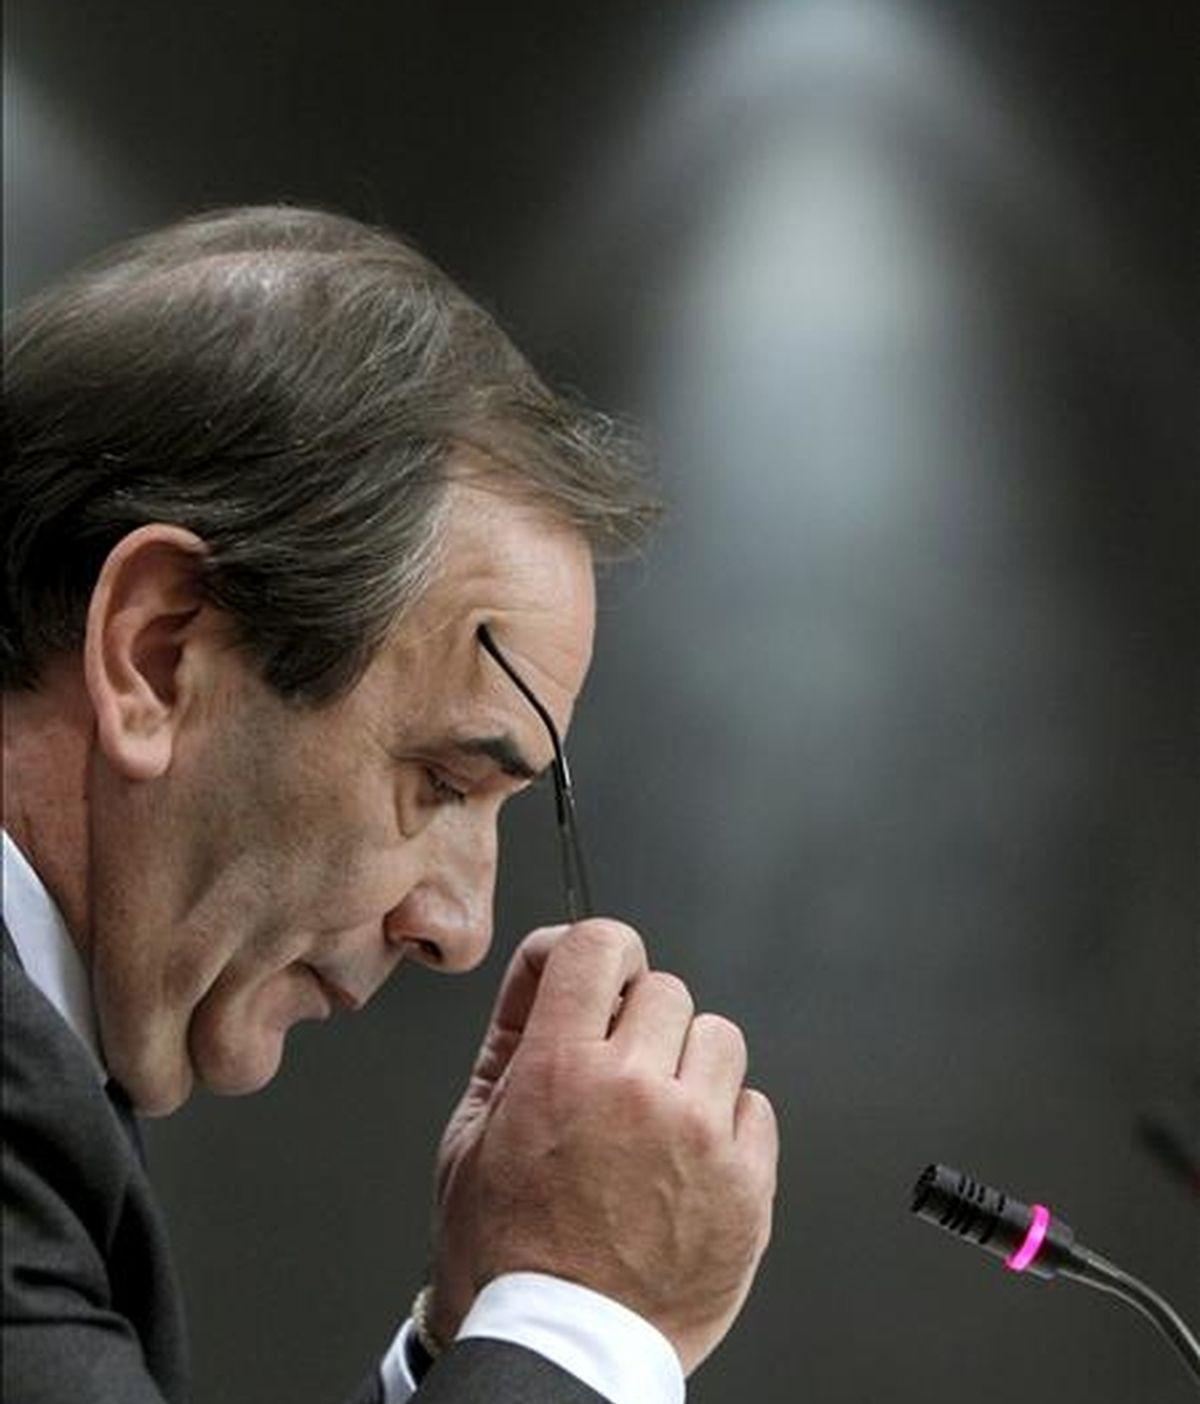 El portavoz del PSOE en el Congreso, José Antonio Alonso, durante la rueda de prensa que ofreció al término de la reunión de la Junta de Portavoces de la Cámara. EFE